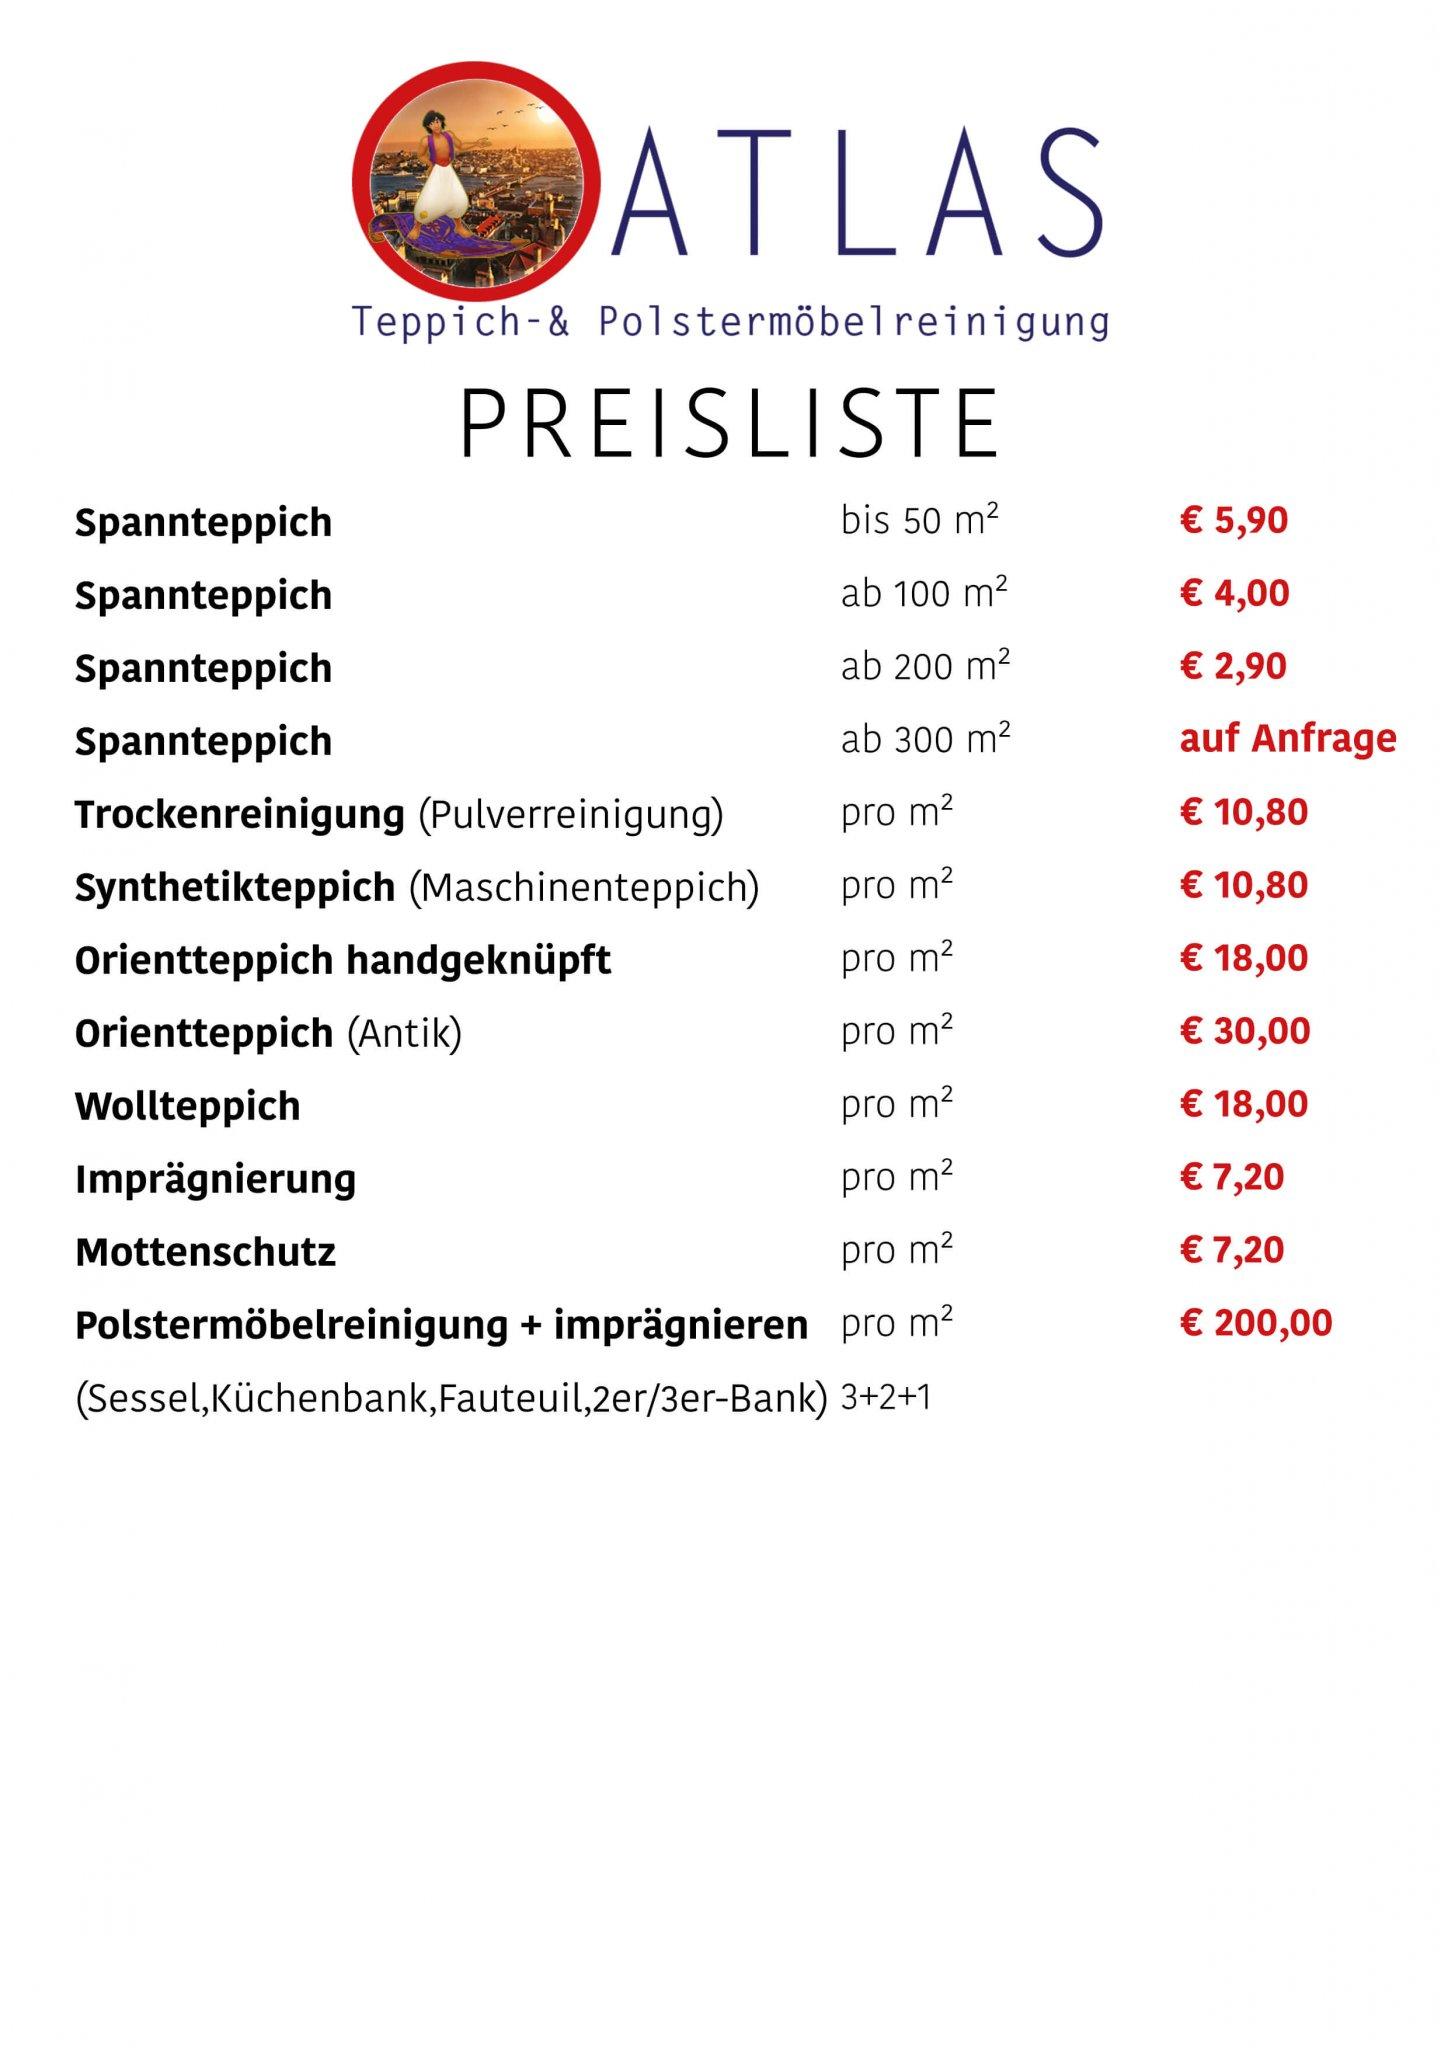 Atlas Preisliste